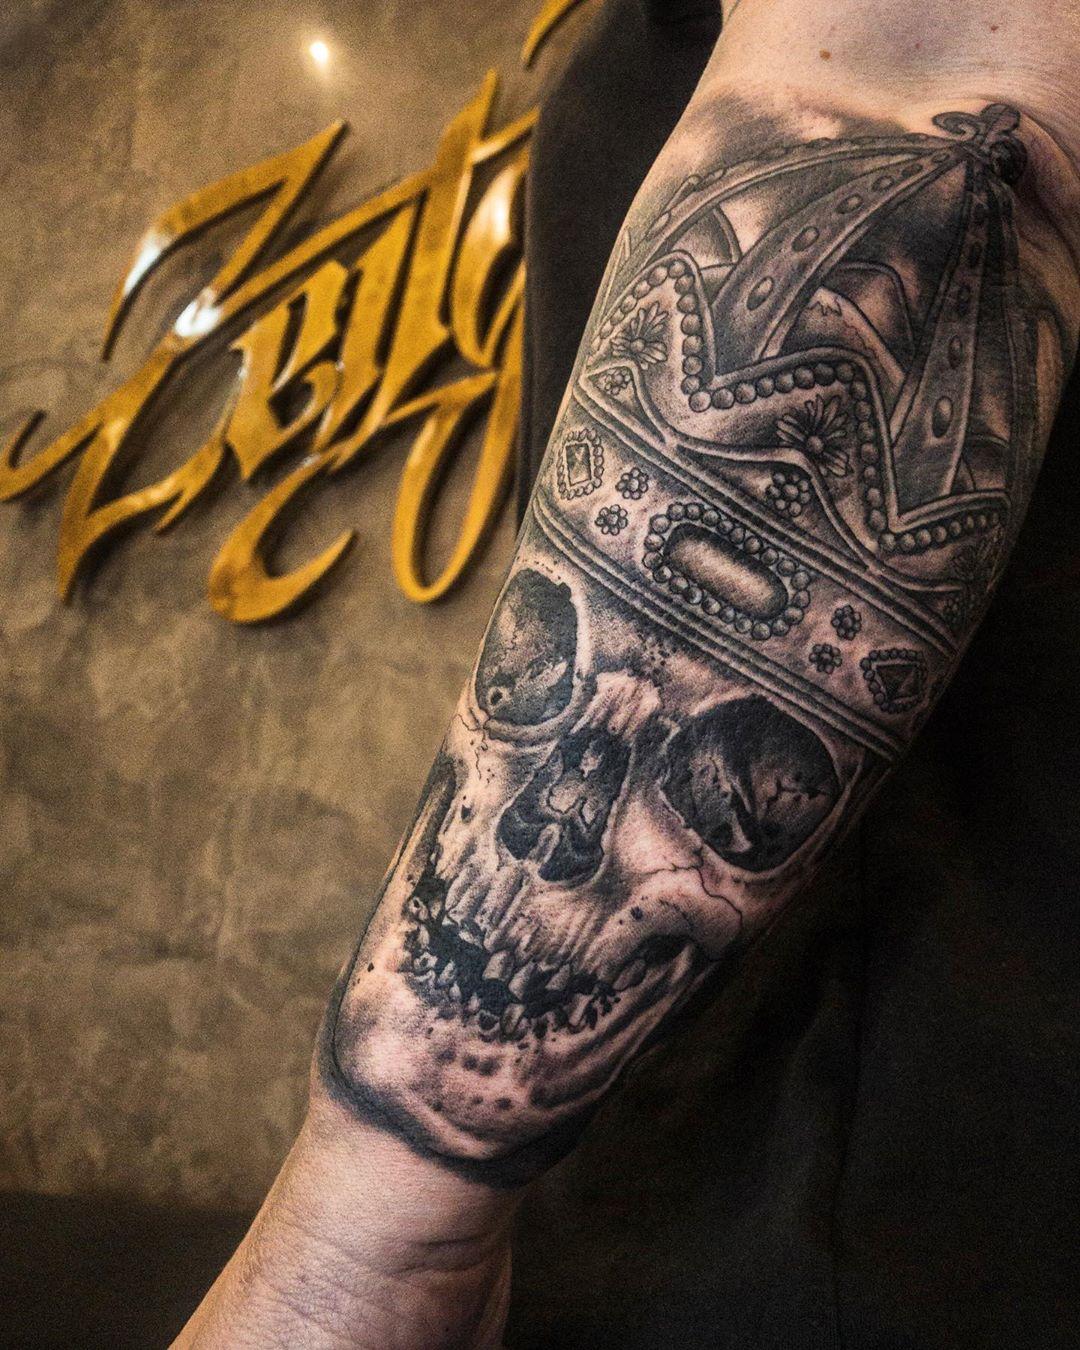 . #tattoo #tattooing#tatuagem#tatovering#blackwork #blackworkers#blackworktattoo...